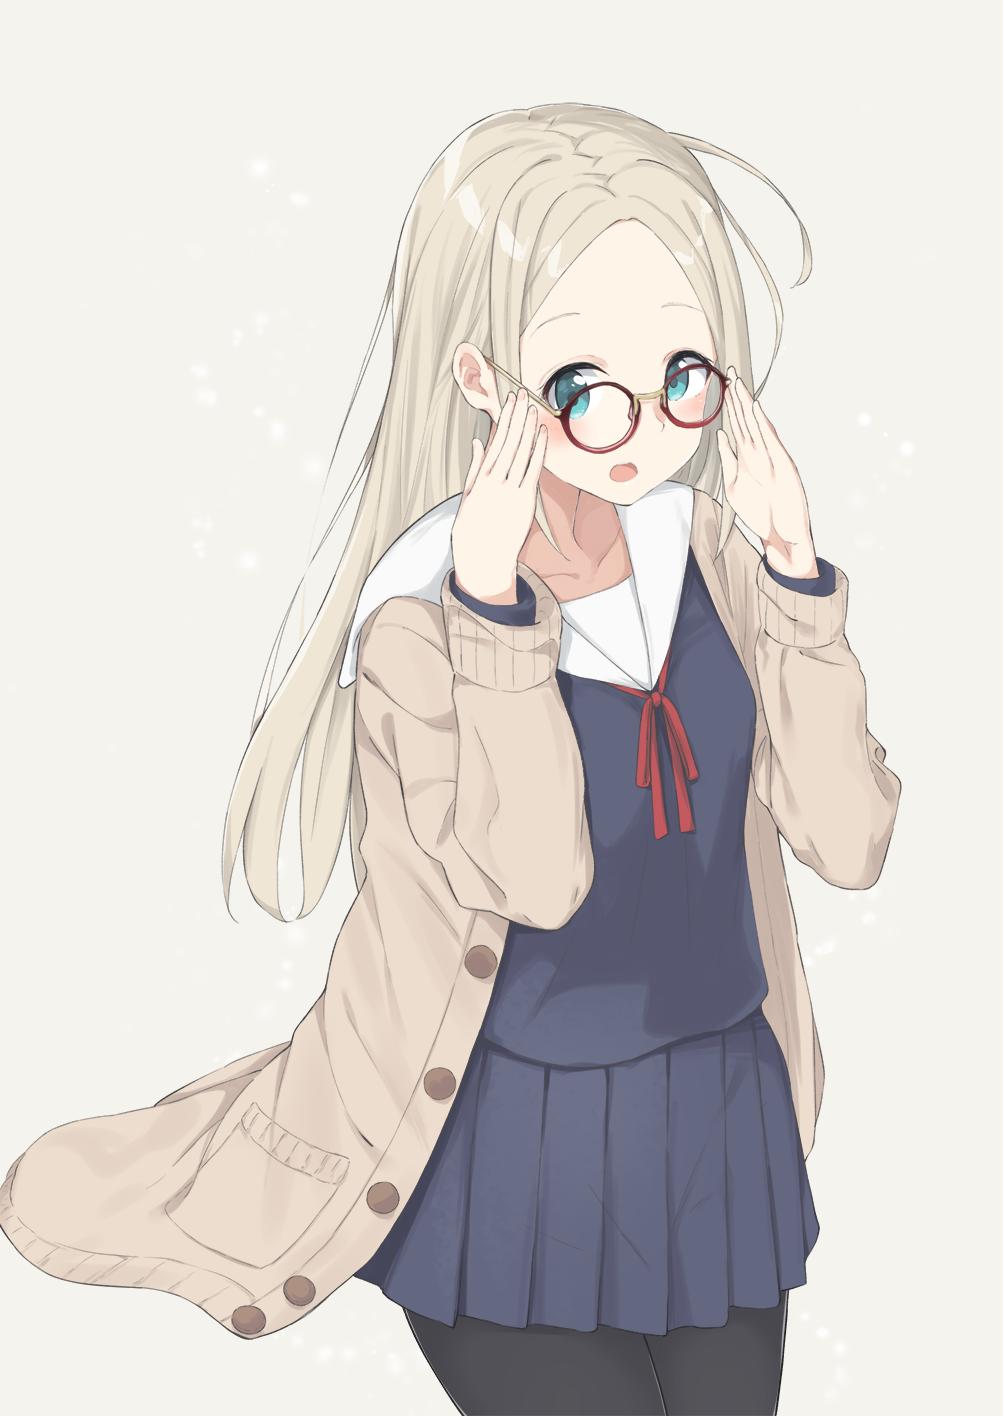 id=65947378,眼镜娘本子,动漫眼睛娘,圆框眼镜图片